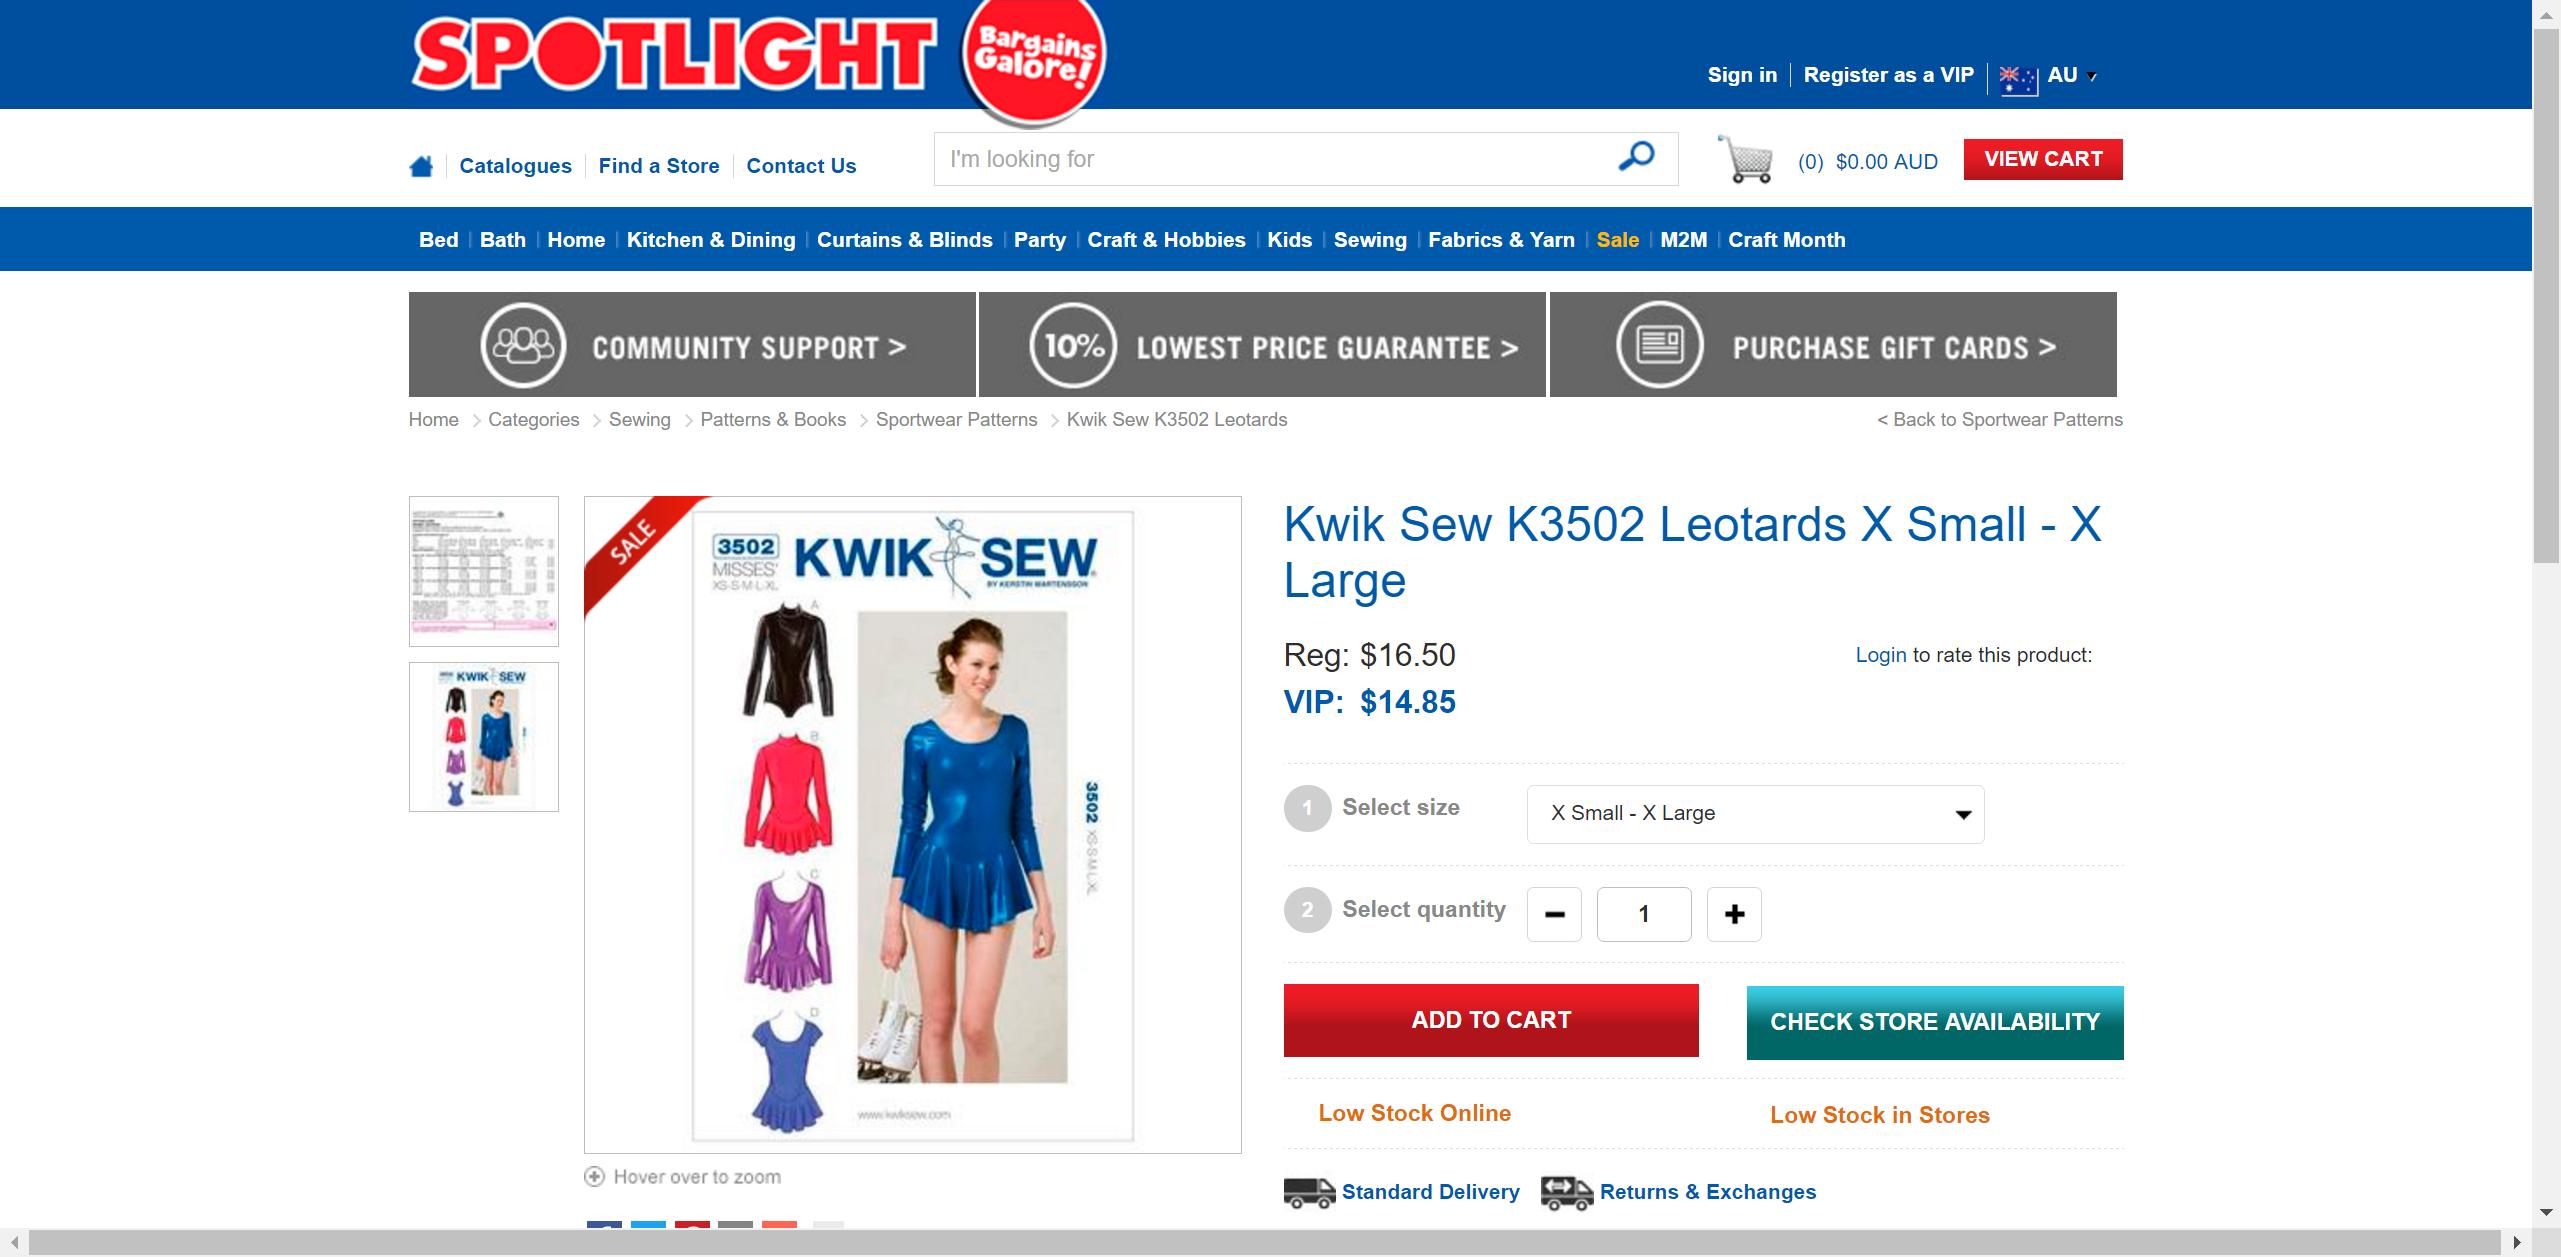 Kwik Sew K3502 Leotards X Small - X Large | Spotlight Australia ...